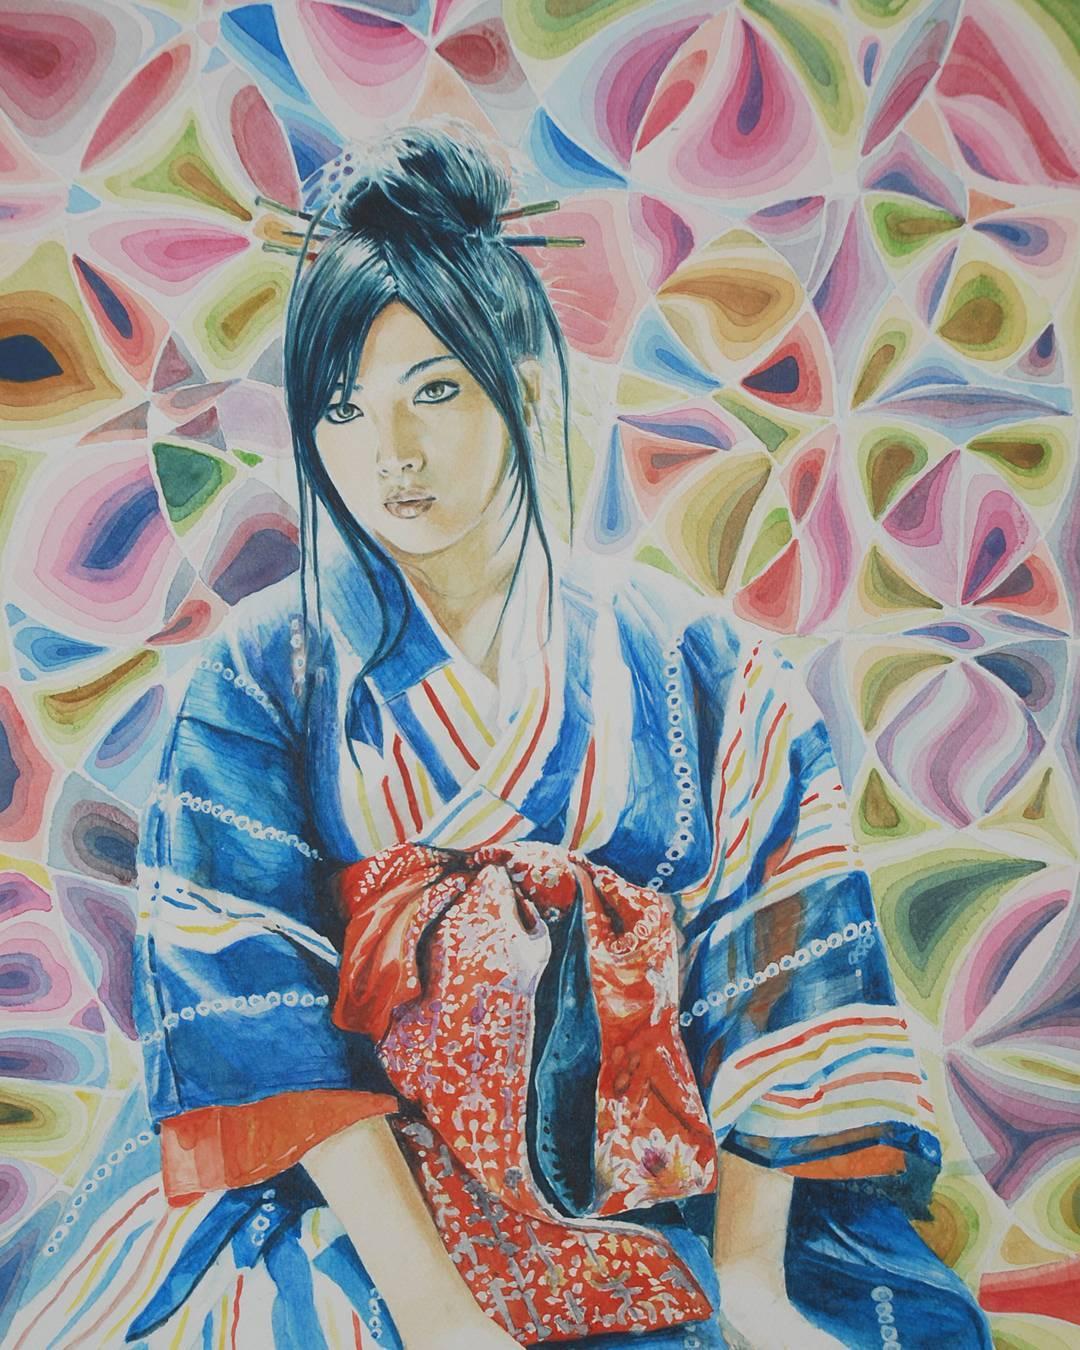 Saori by platinos8880.jpg